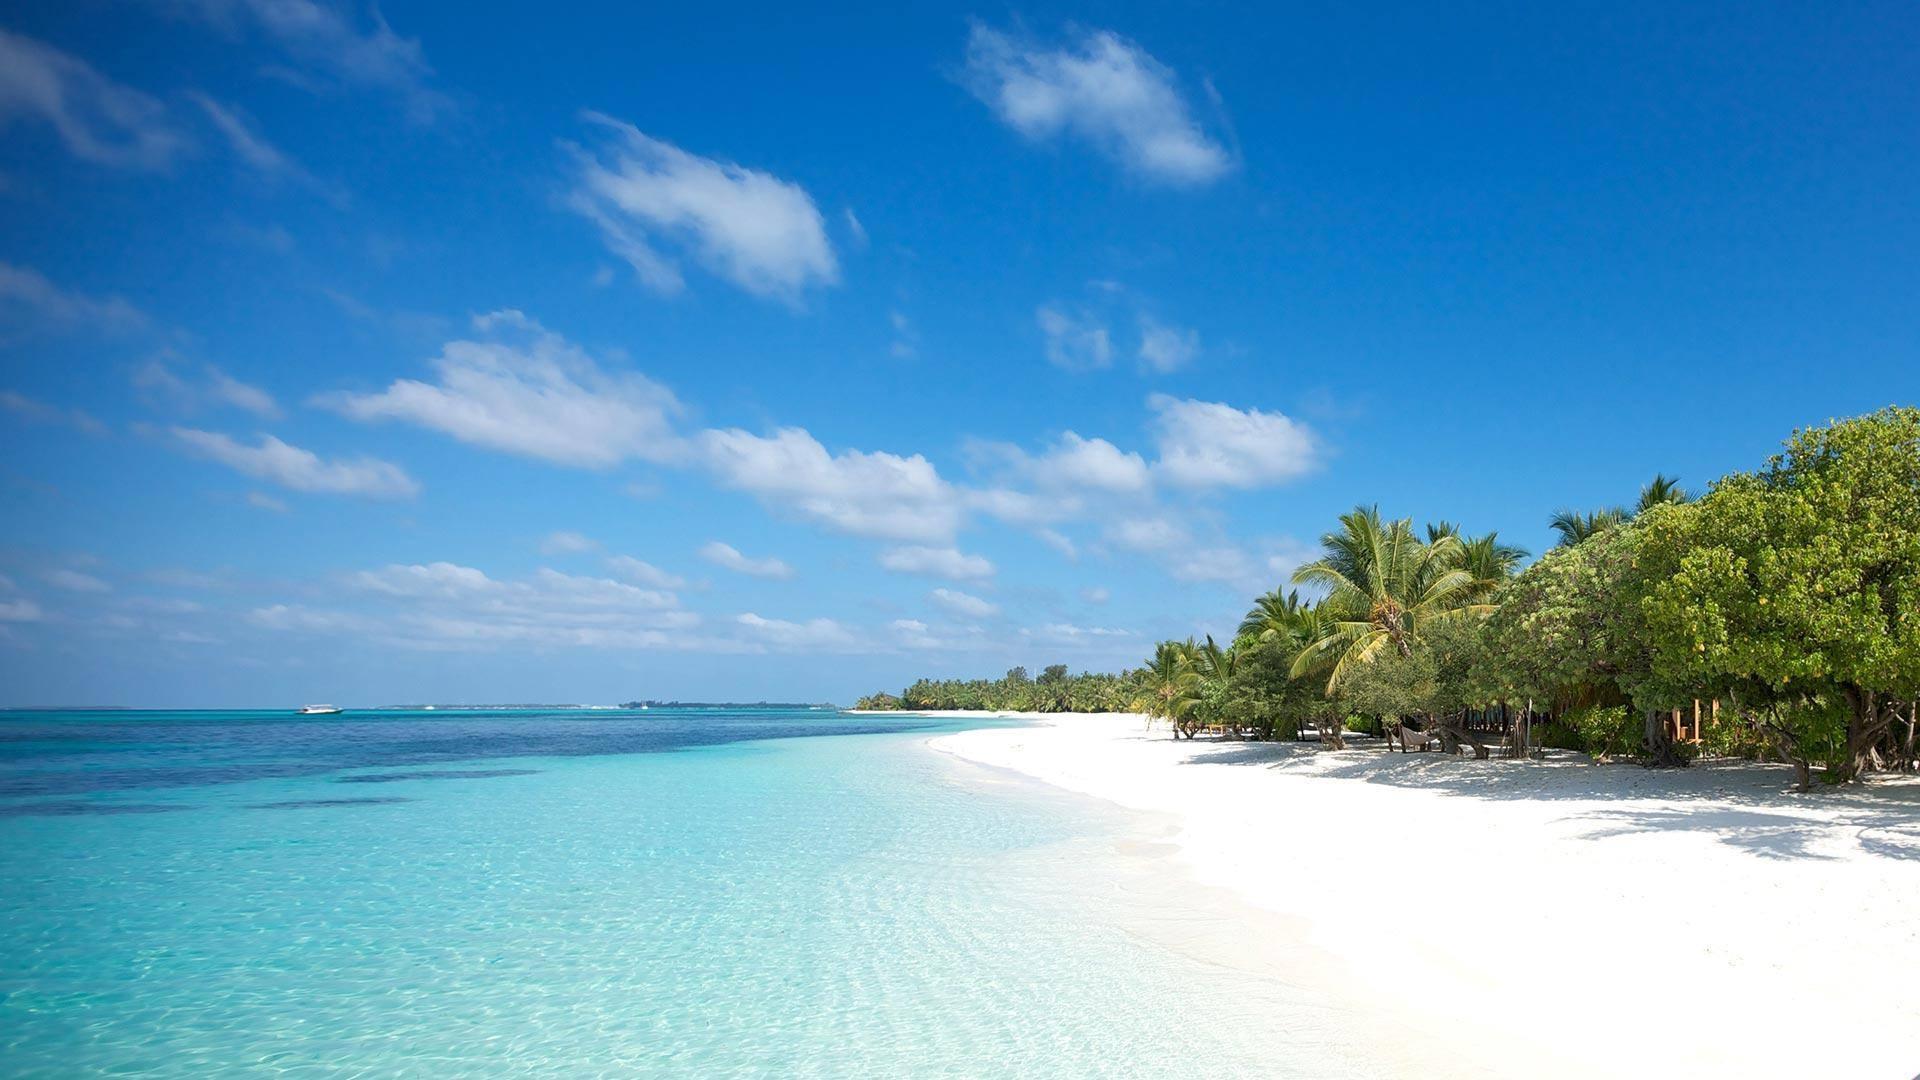 Bãi Kem lọt top 100 bãi biển đẹp nhất thế giới năm 2018 bãi khem - Bãi-Kem-lọt-top-100-bãi-biển-đẹp-nhất-thế-giới-năm-2018 - Bãi Khem – tuyệt tác của thiên nhiên tại đảo ngọc Phú Quốc